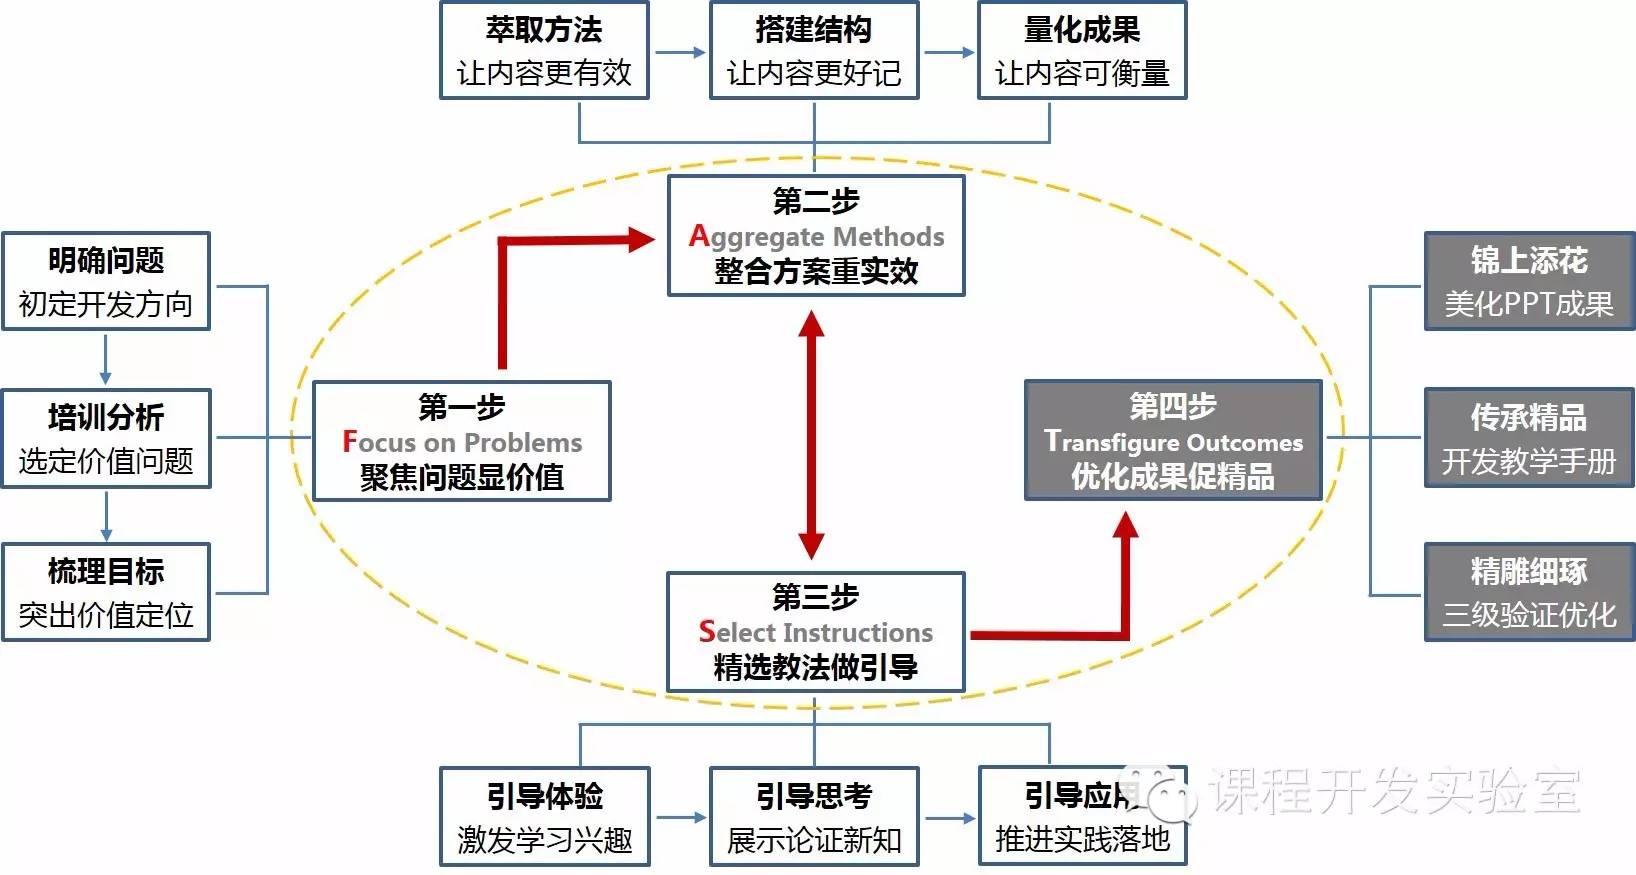 新书连载(5) 《FAST高效课程开发》 第五章 | 优化成果促精品(节选) 培训师邱伟